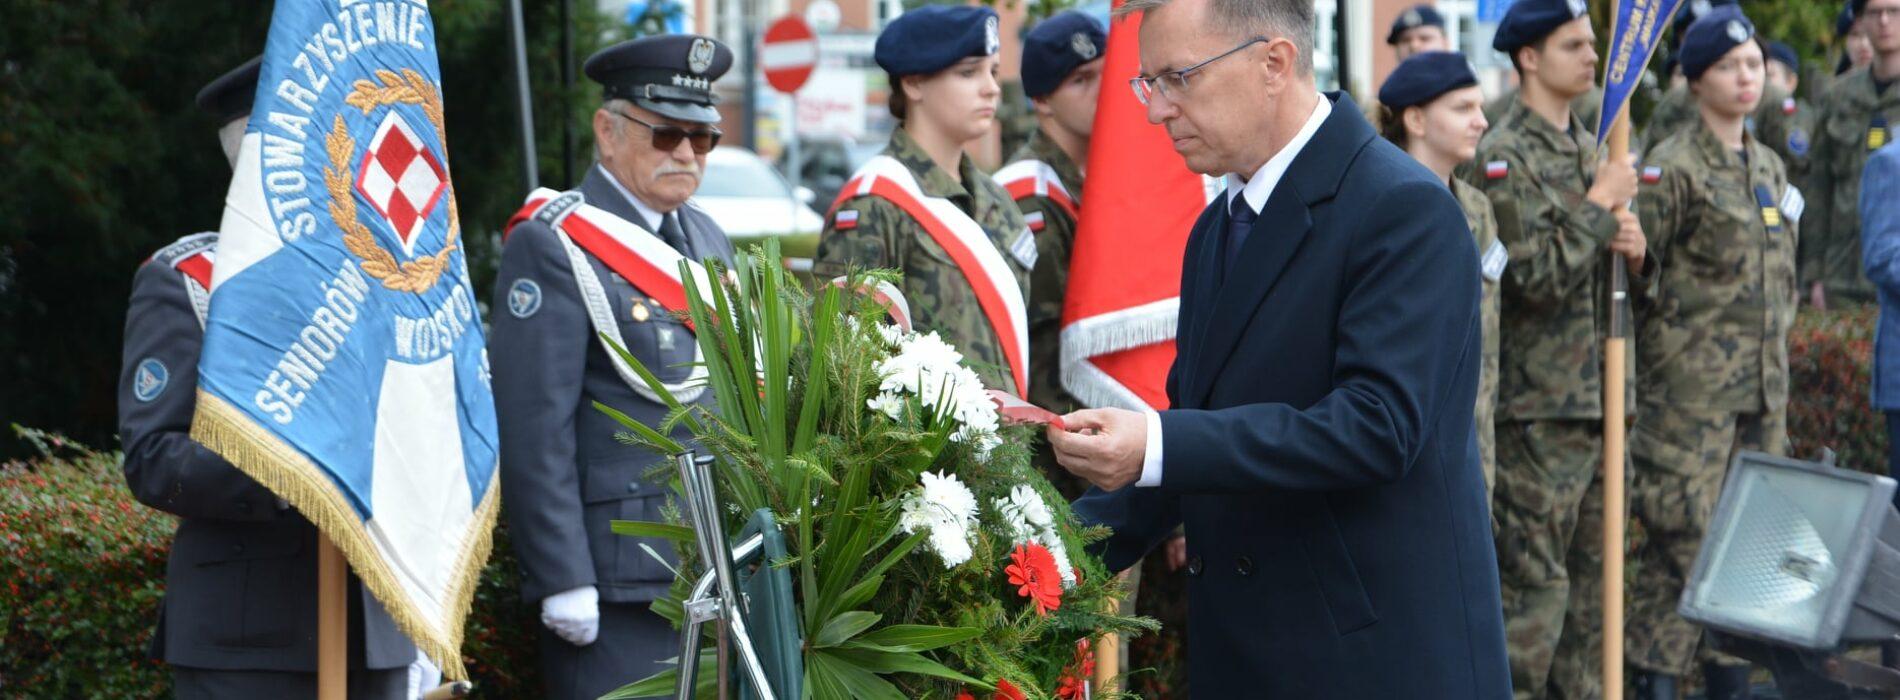 82. rocznica Agresji ZSRR na Polskę